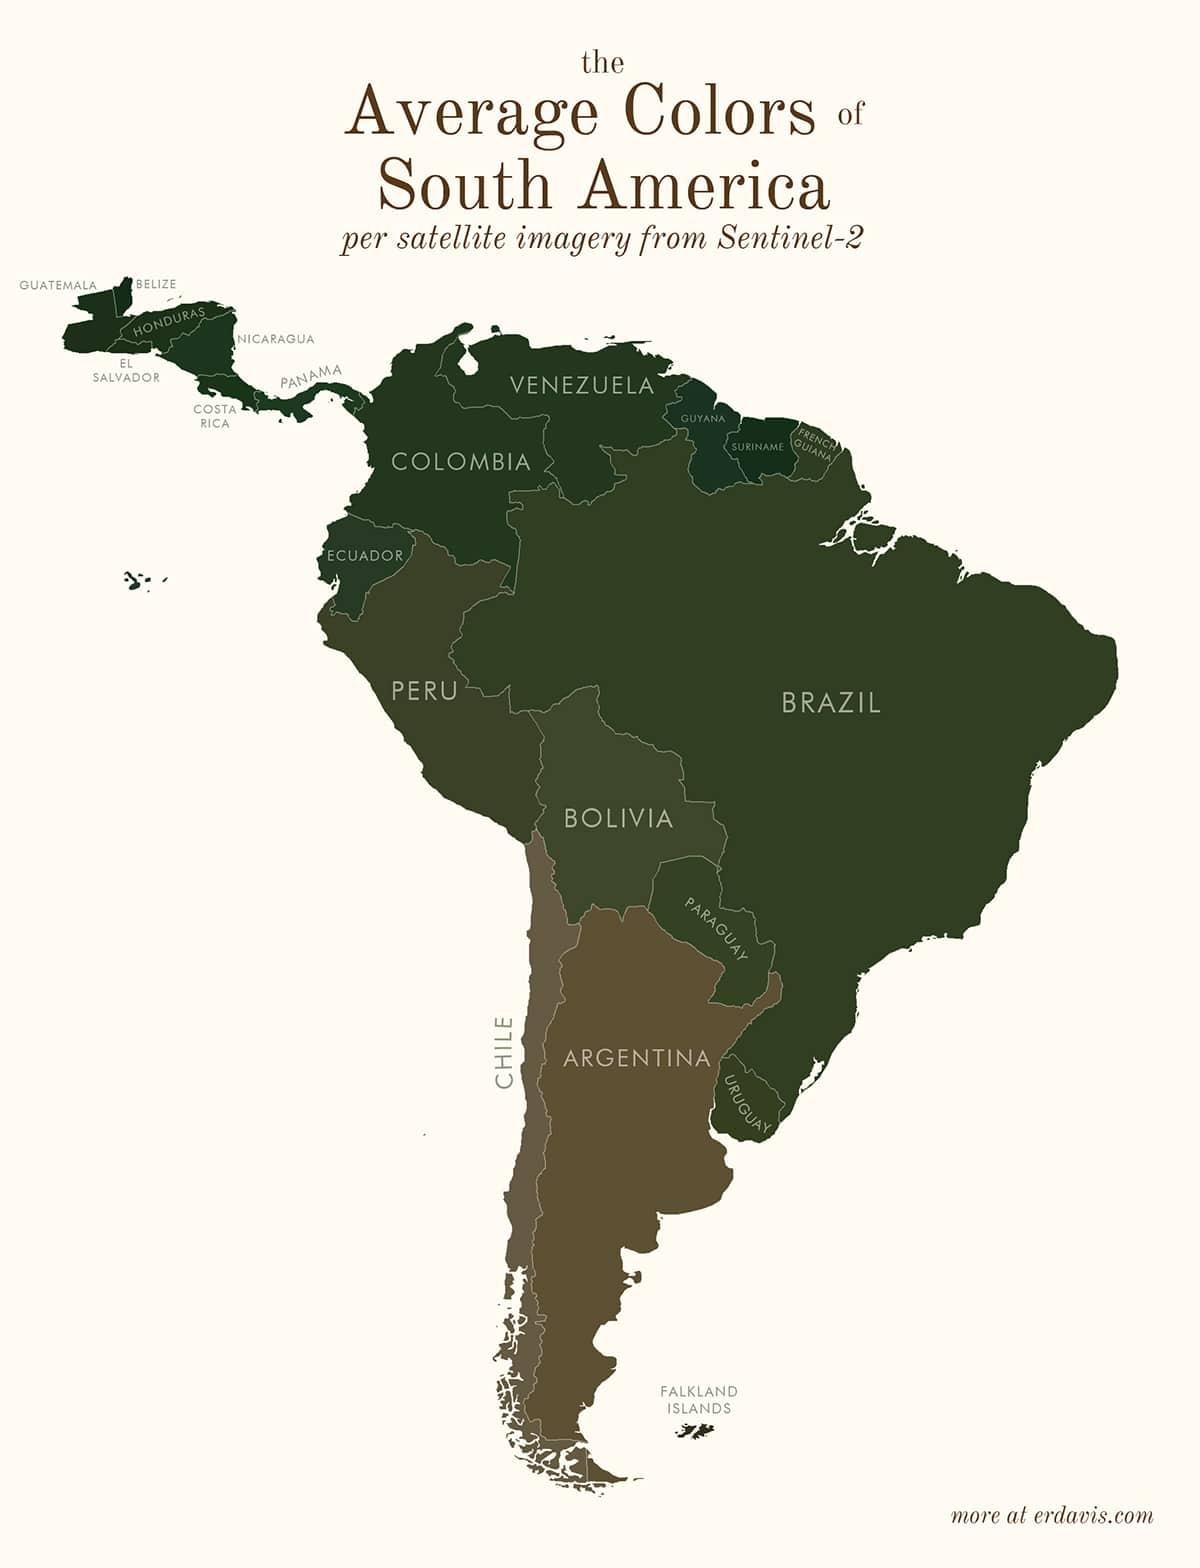 Средние цвета Южной Америки